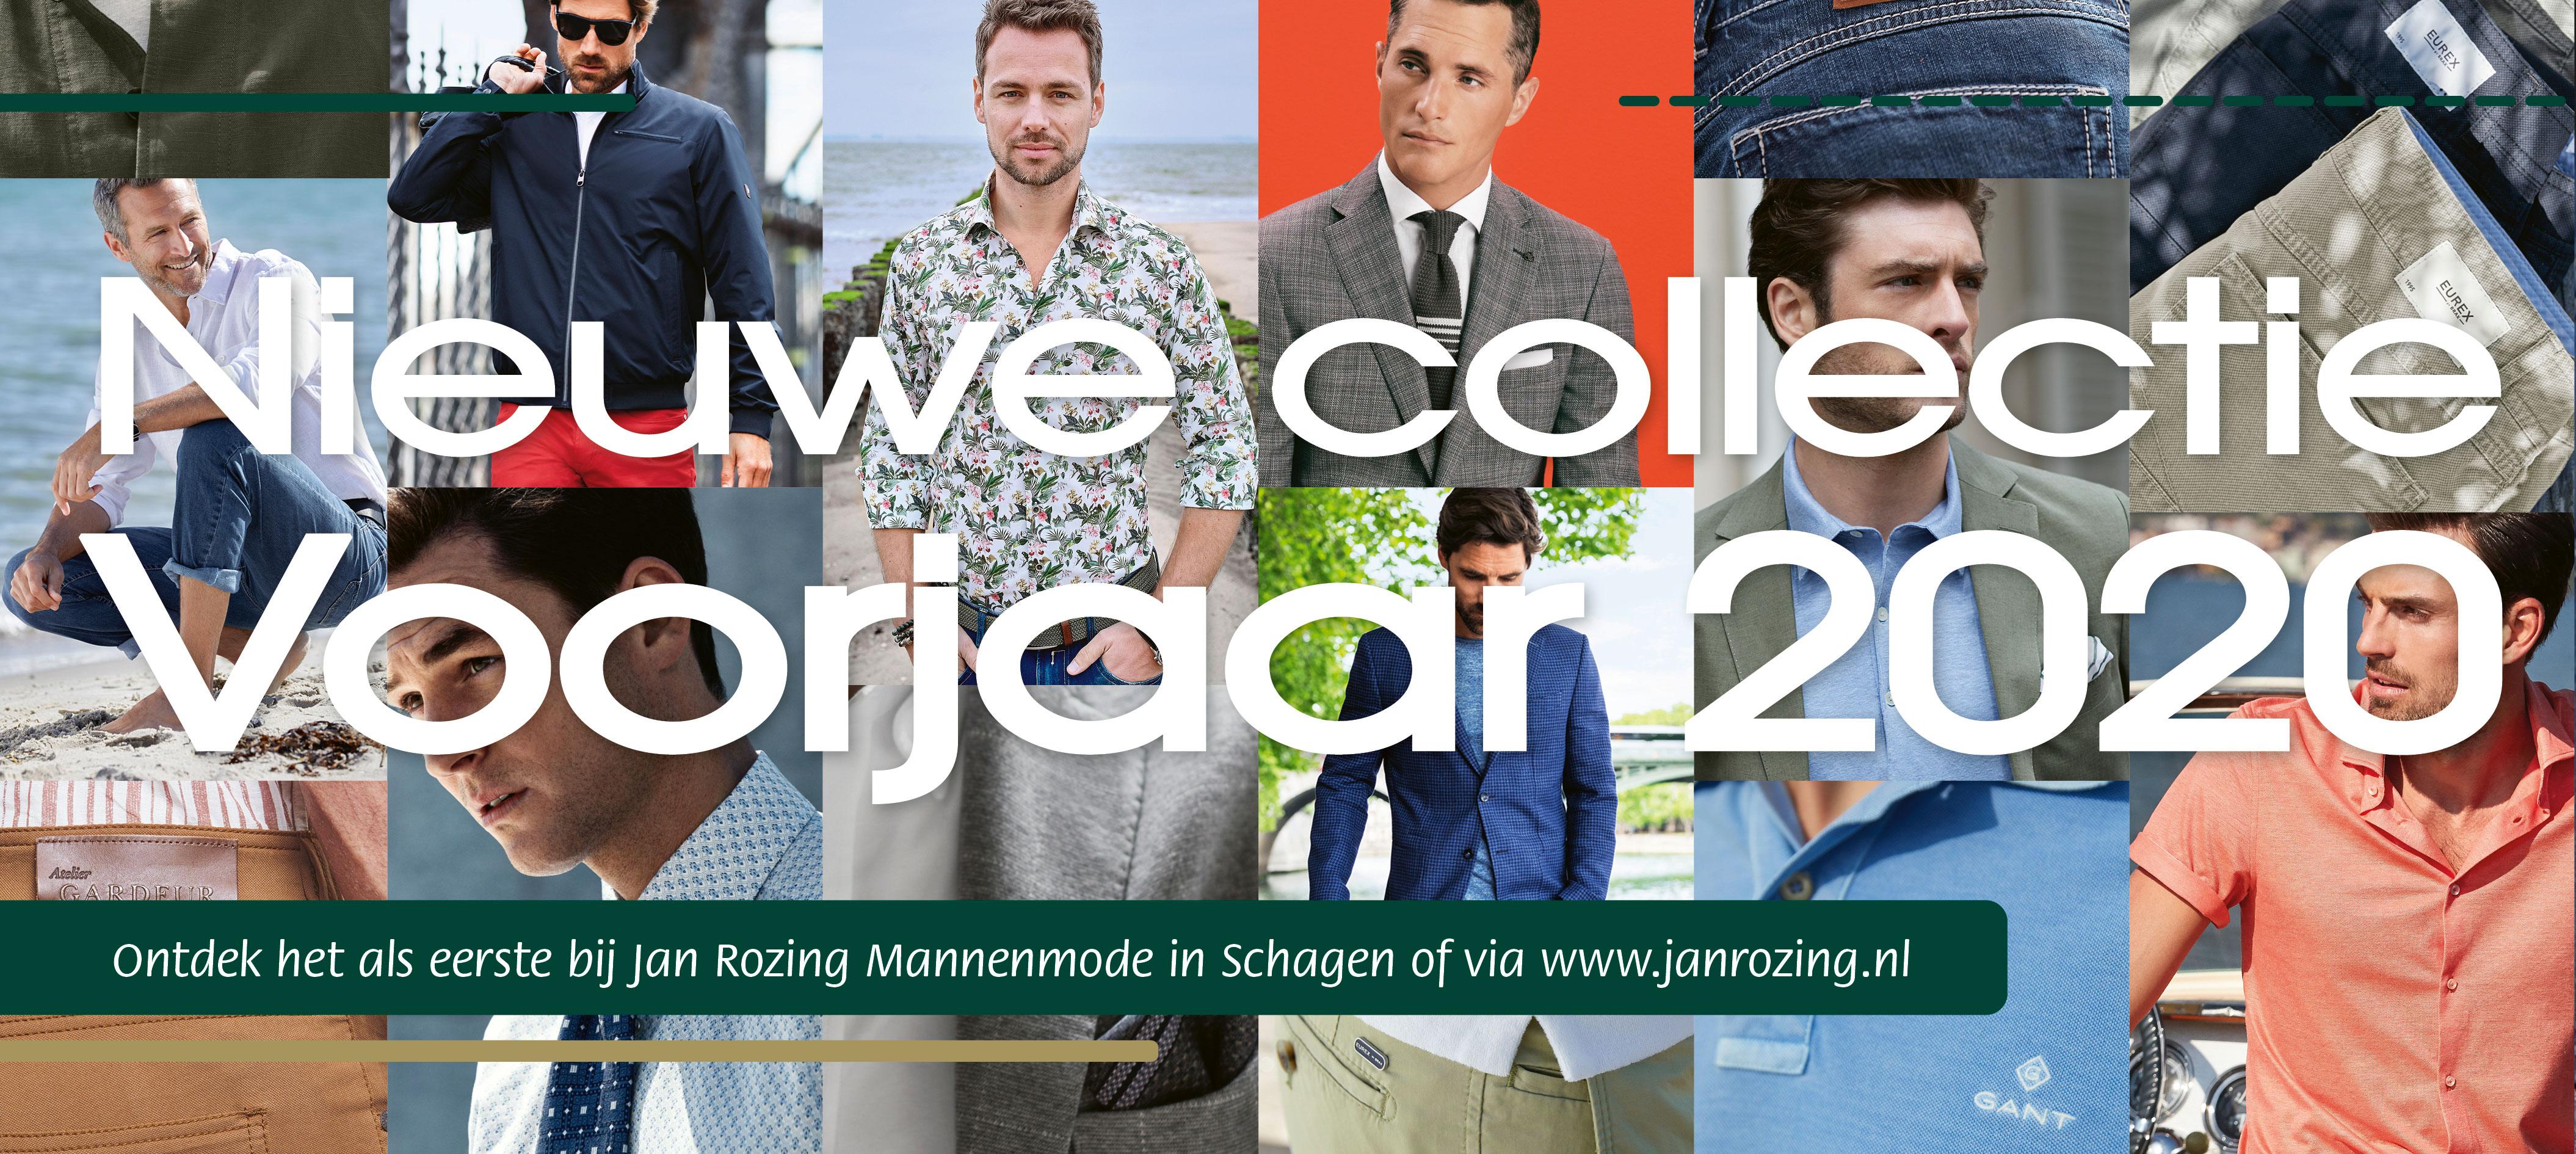 Jan Rozing Mannenmode – óók stijlvol online!